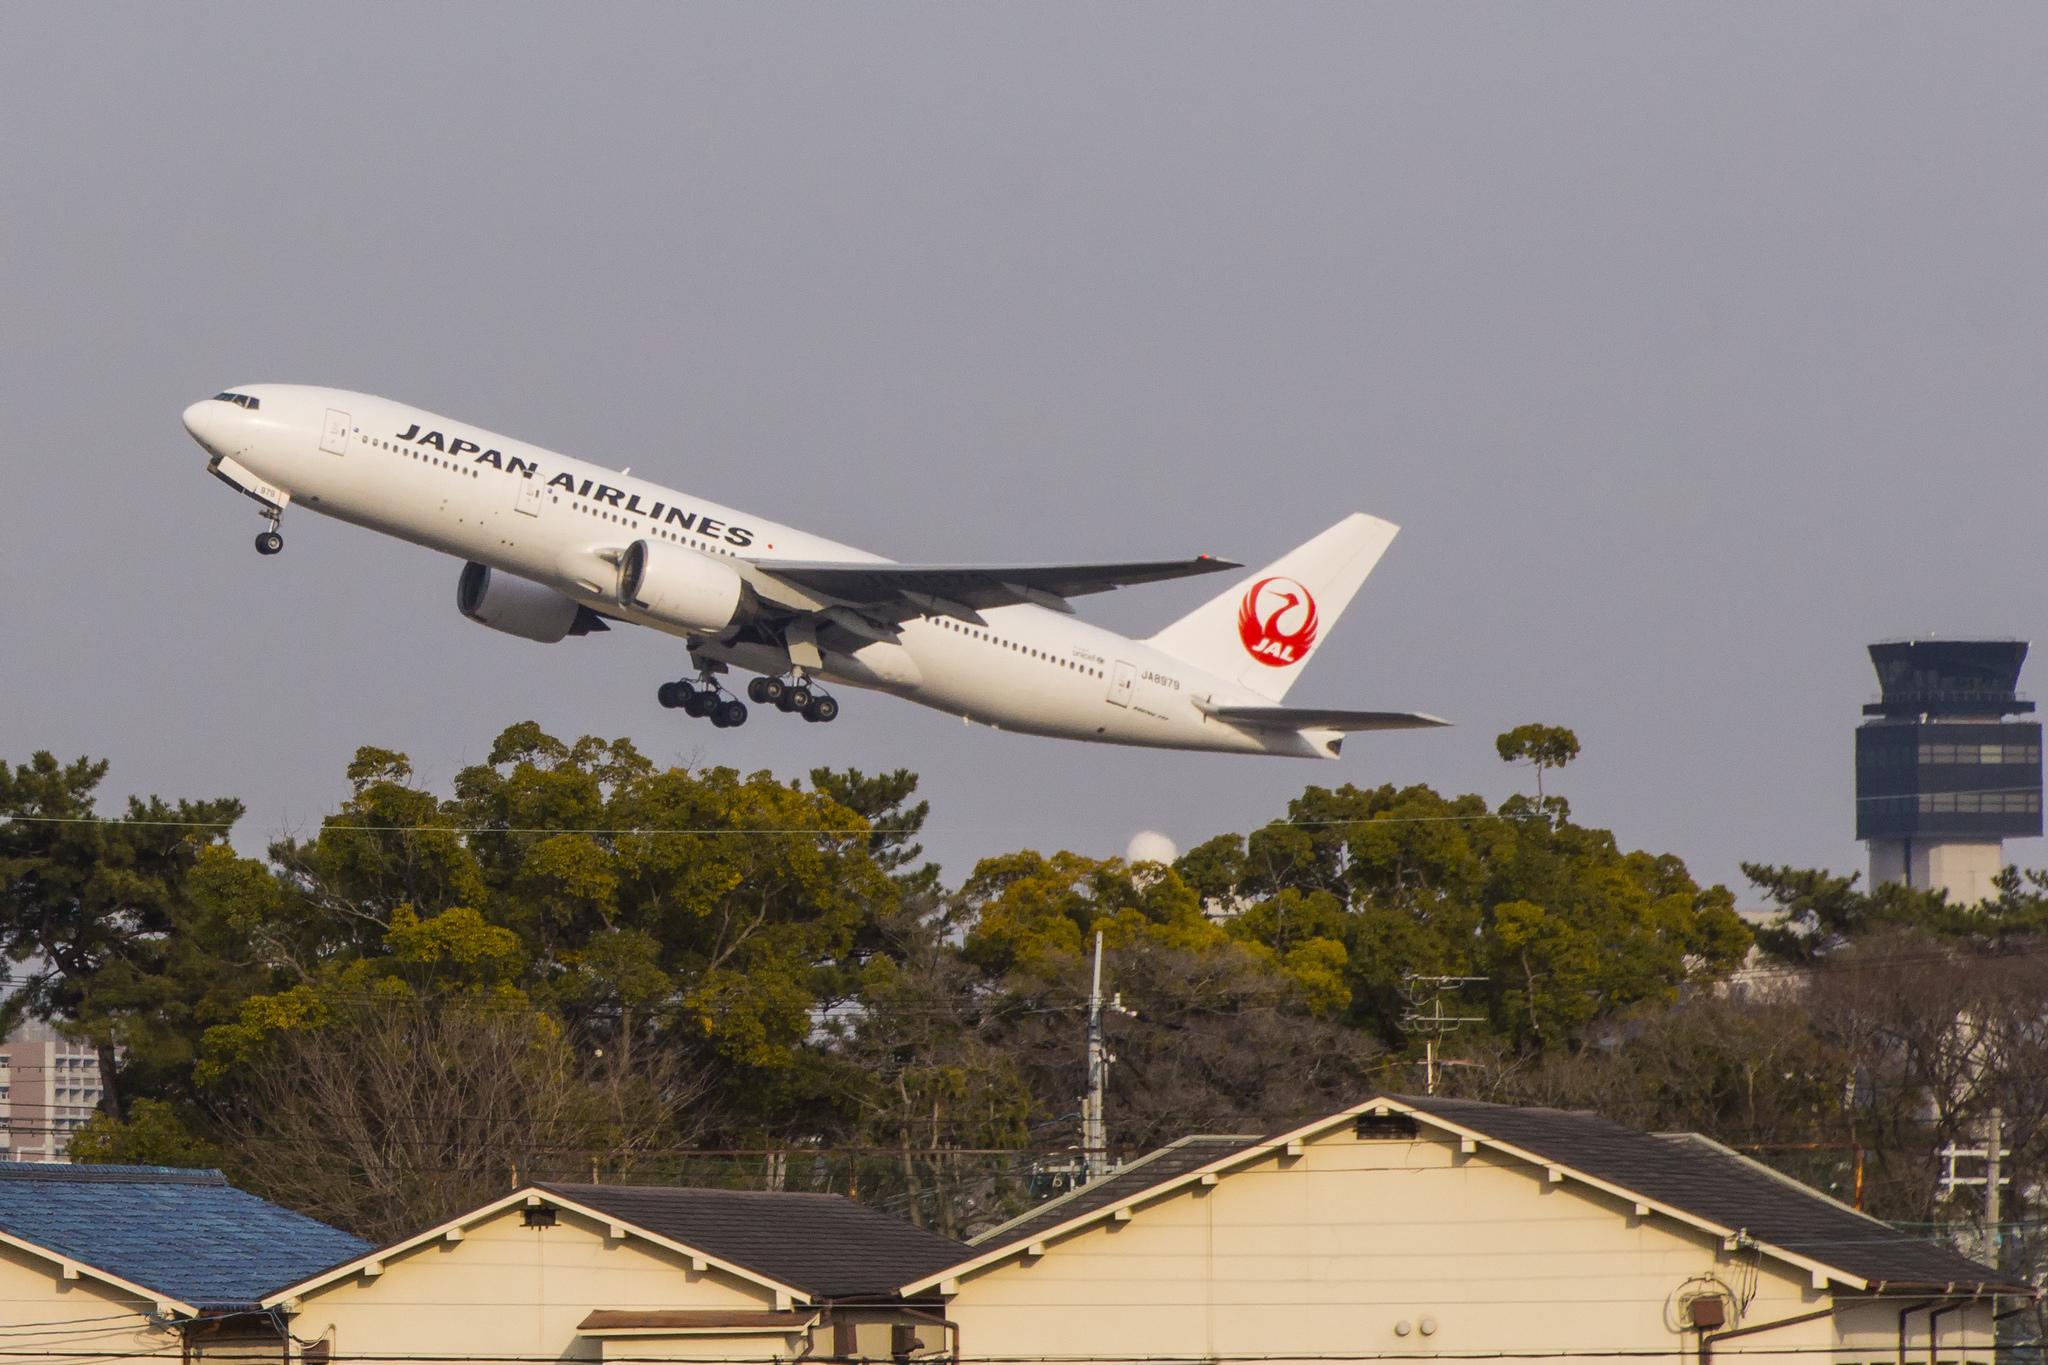 La compagnie aérienne Japan Airlines a décidé de se lancer dans la compétition des vols low-cost